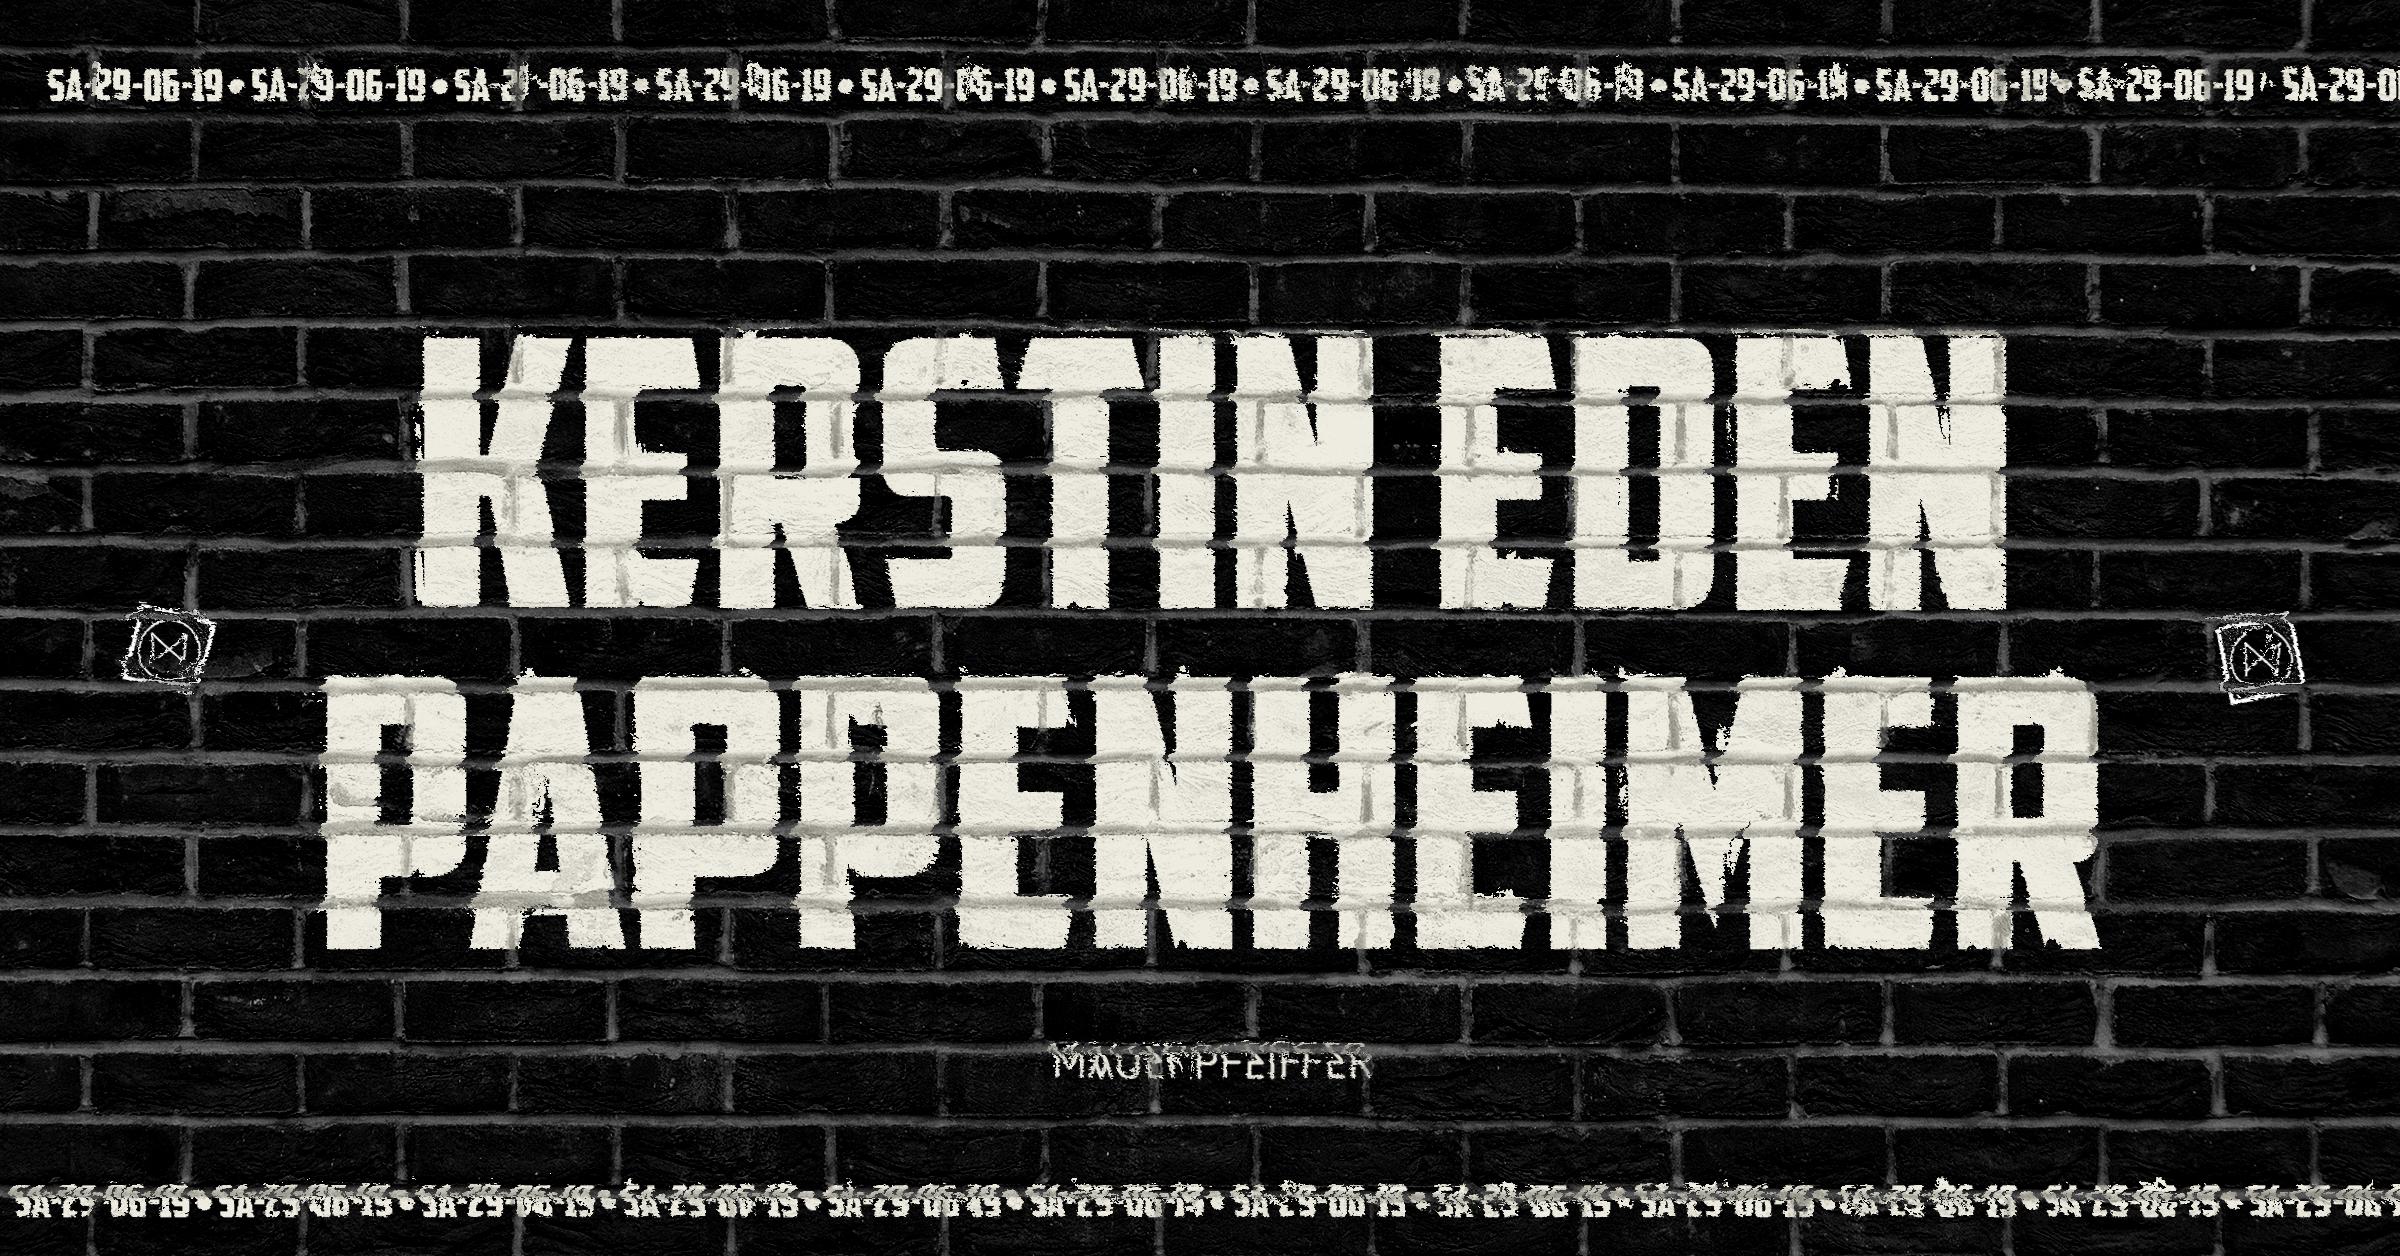 Draußen & Drinnen - Kerstin Eden & Pappenheimer